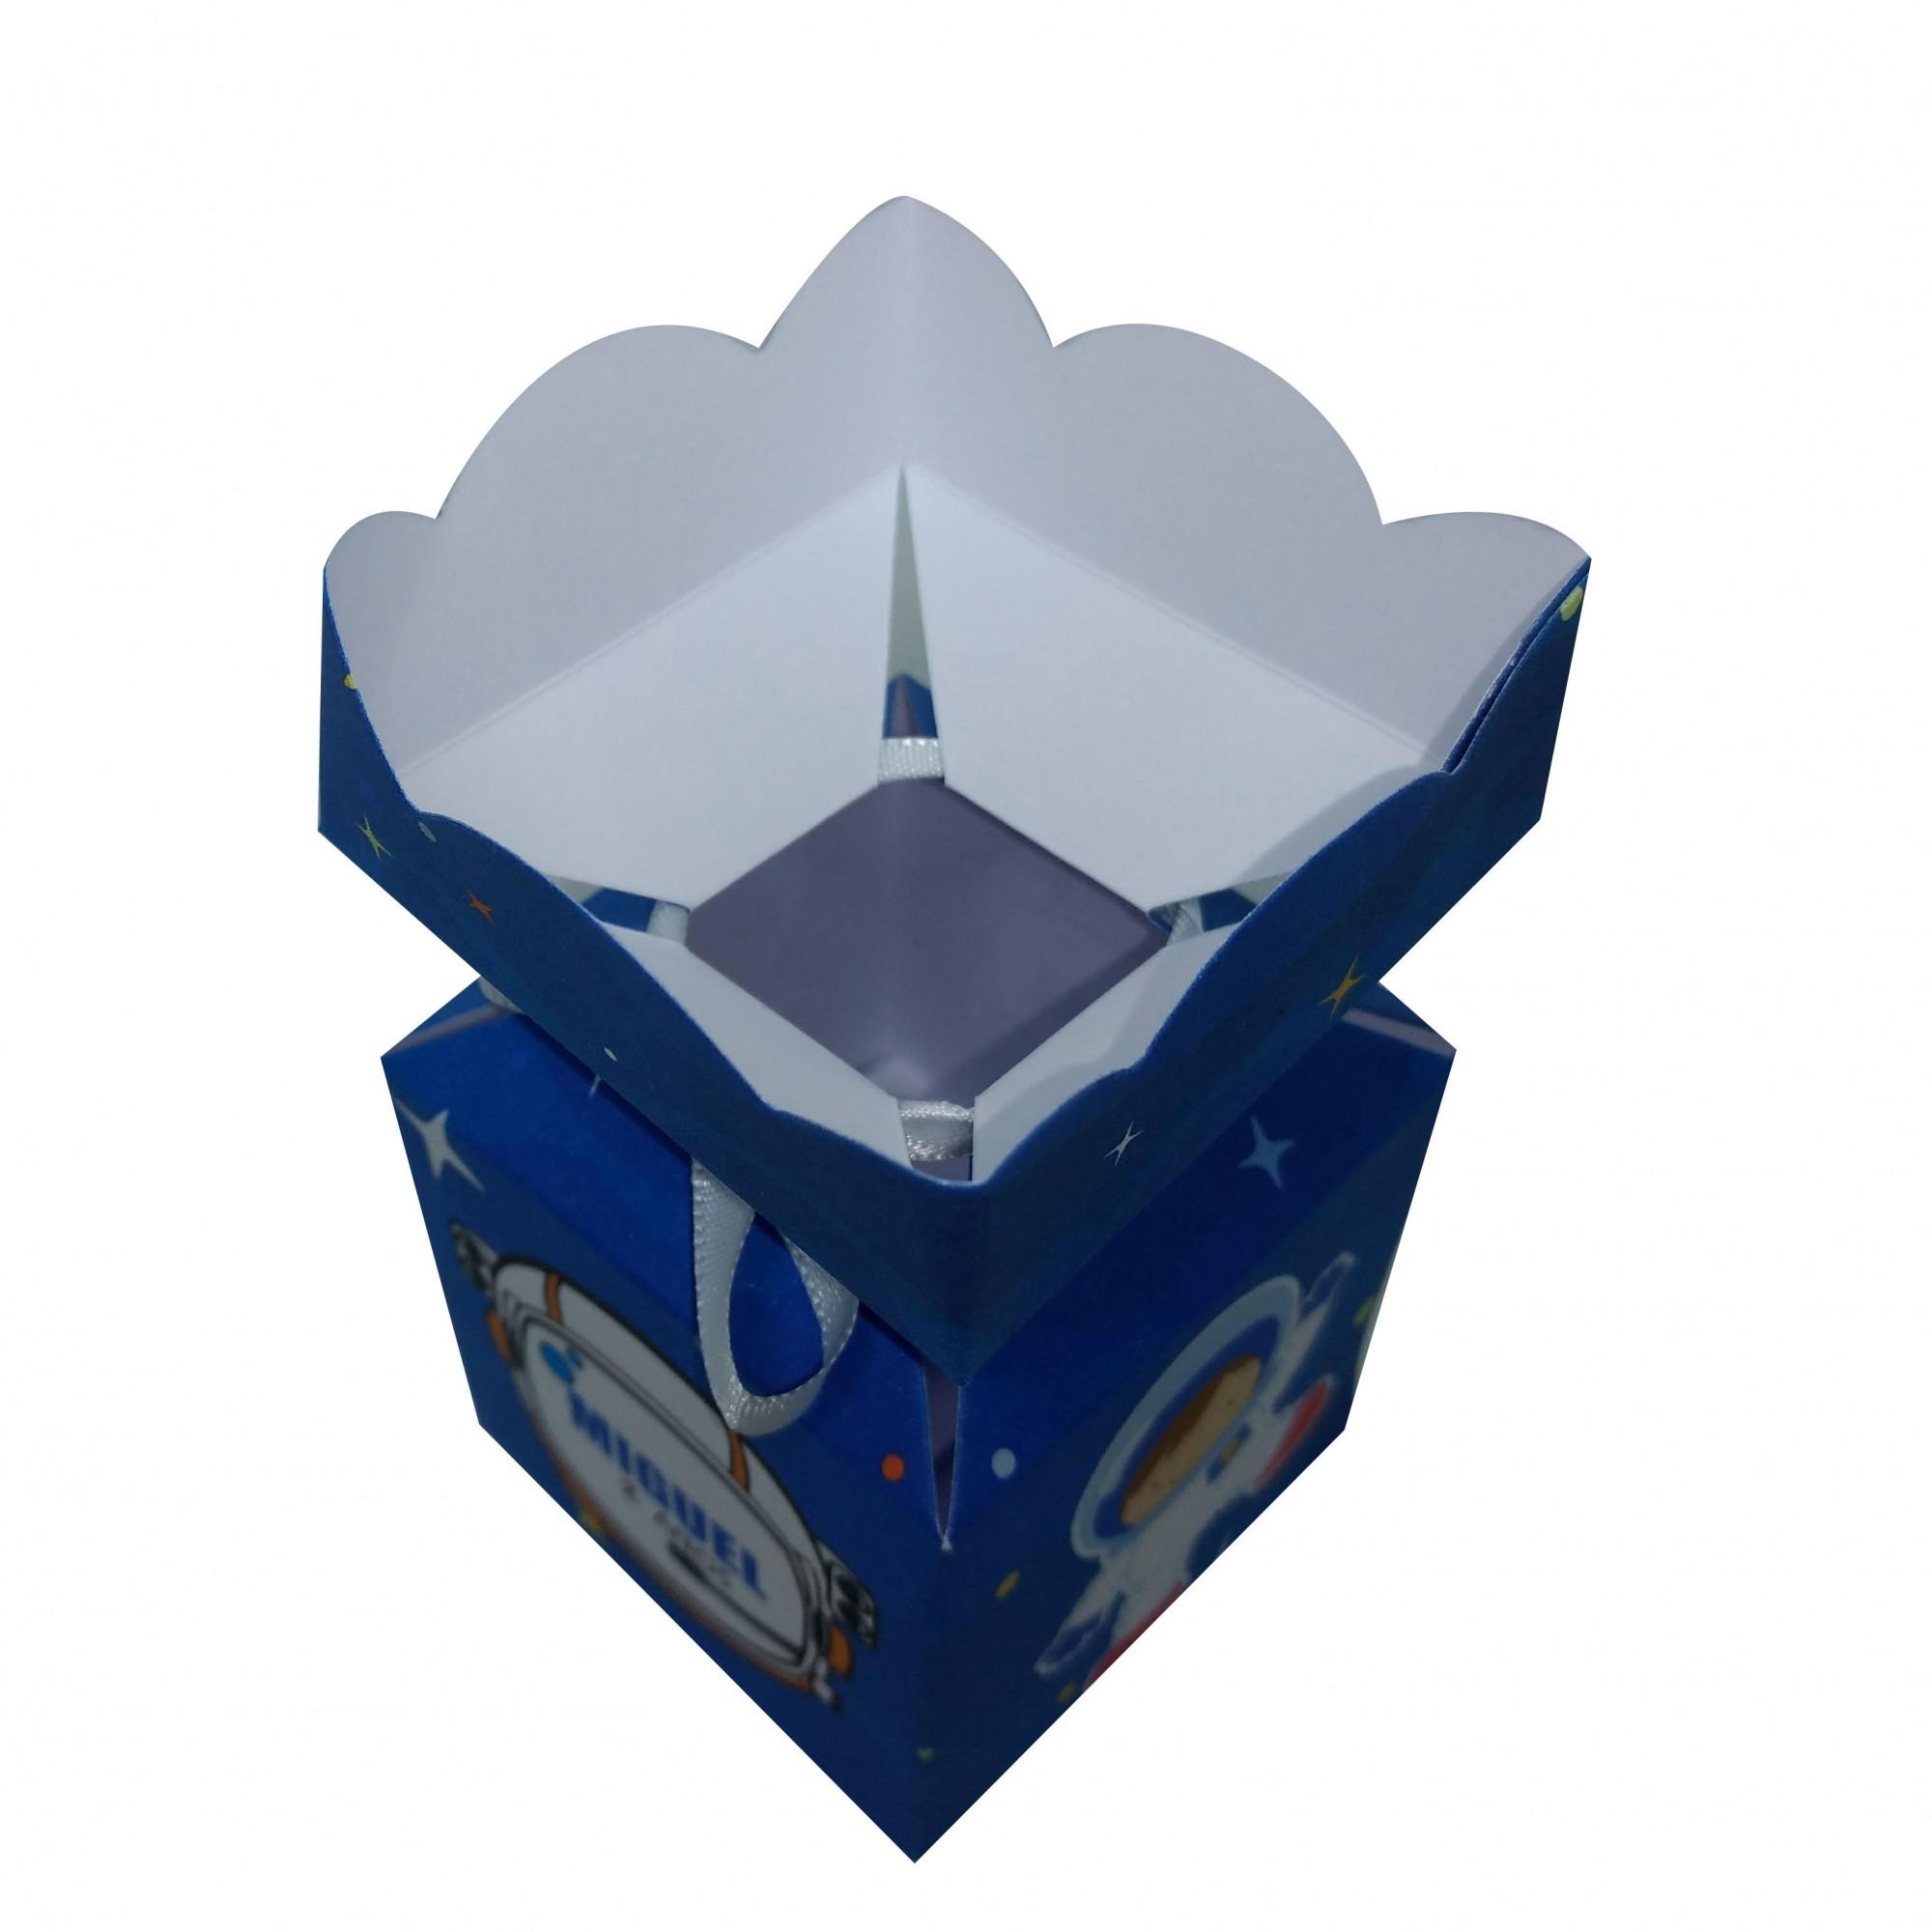 10x Meia Bala Personalizada - Pacote com 10 unidades